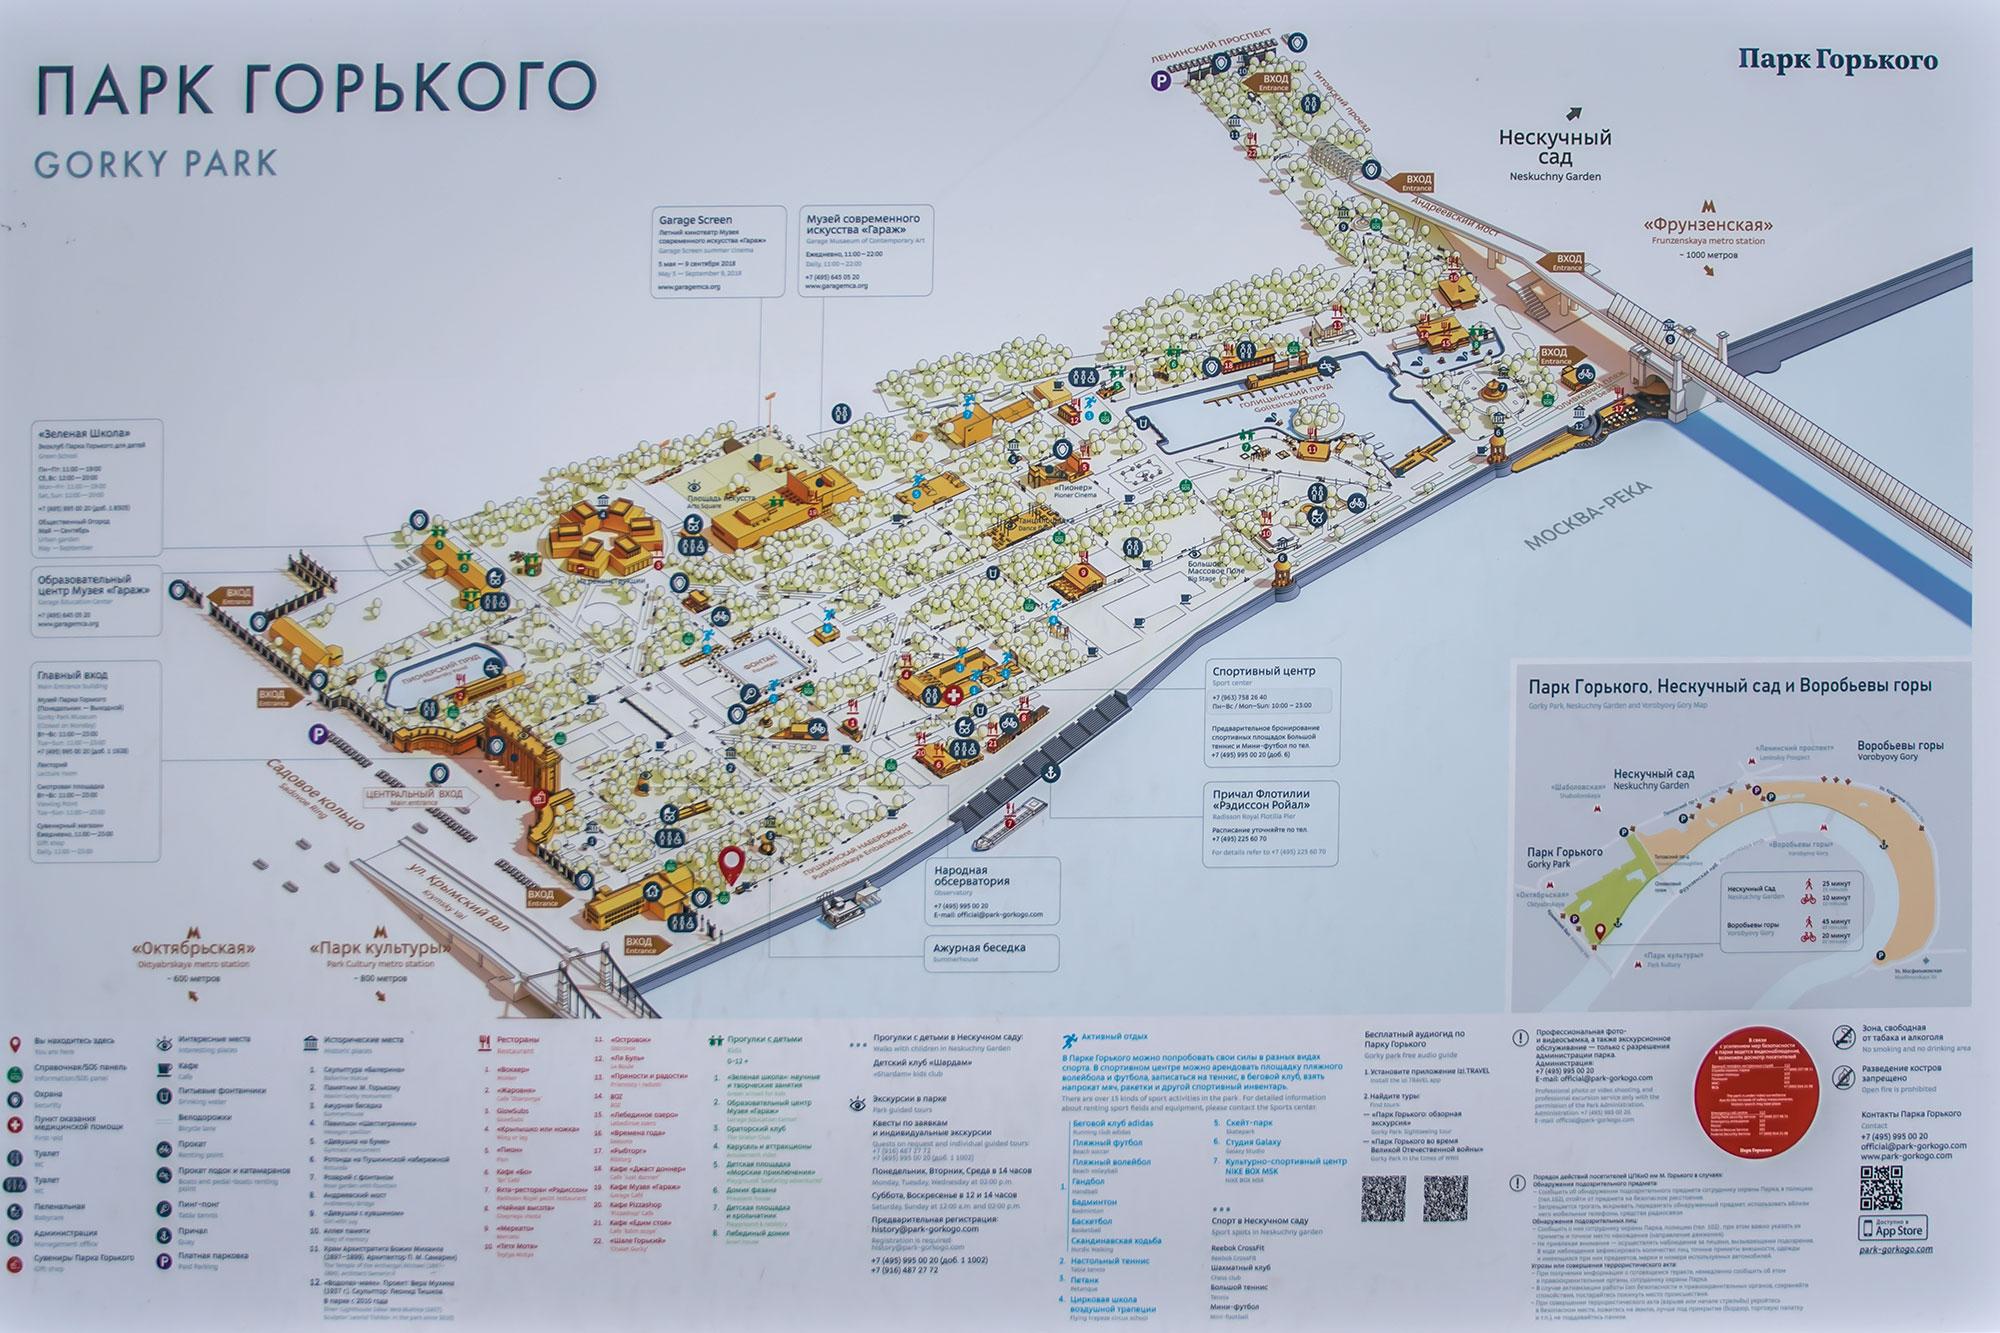 Отлично выполнен информационный стенд, описывающий Парк Горького, отсутствует одна существенная деталь – стрелка направления на север.